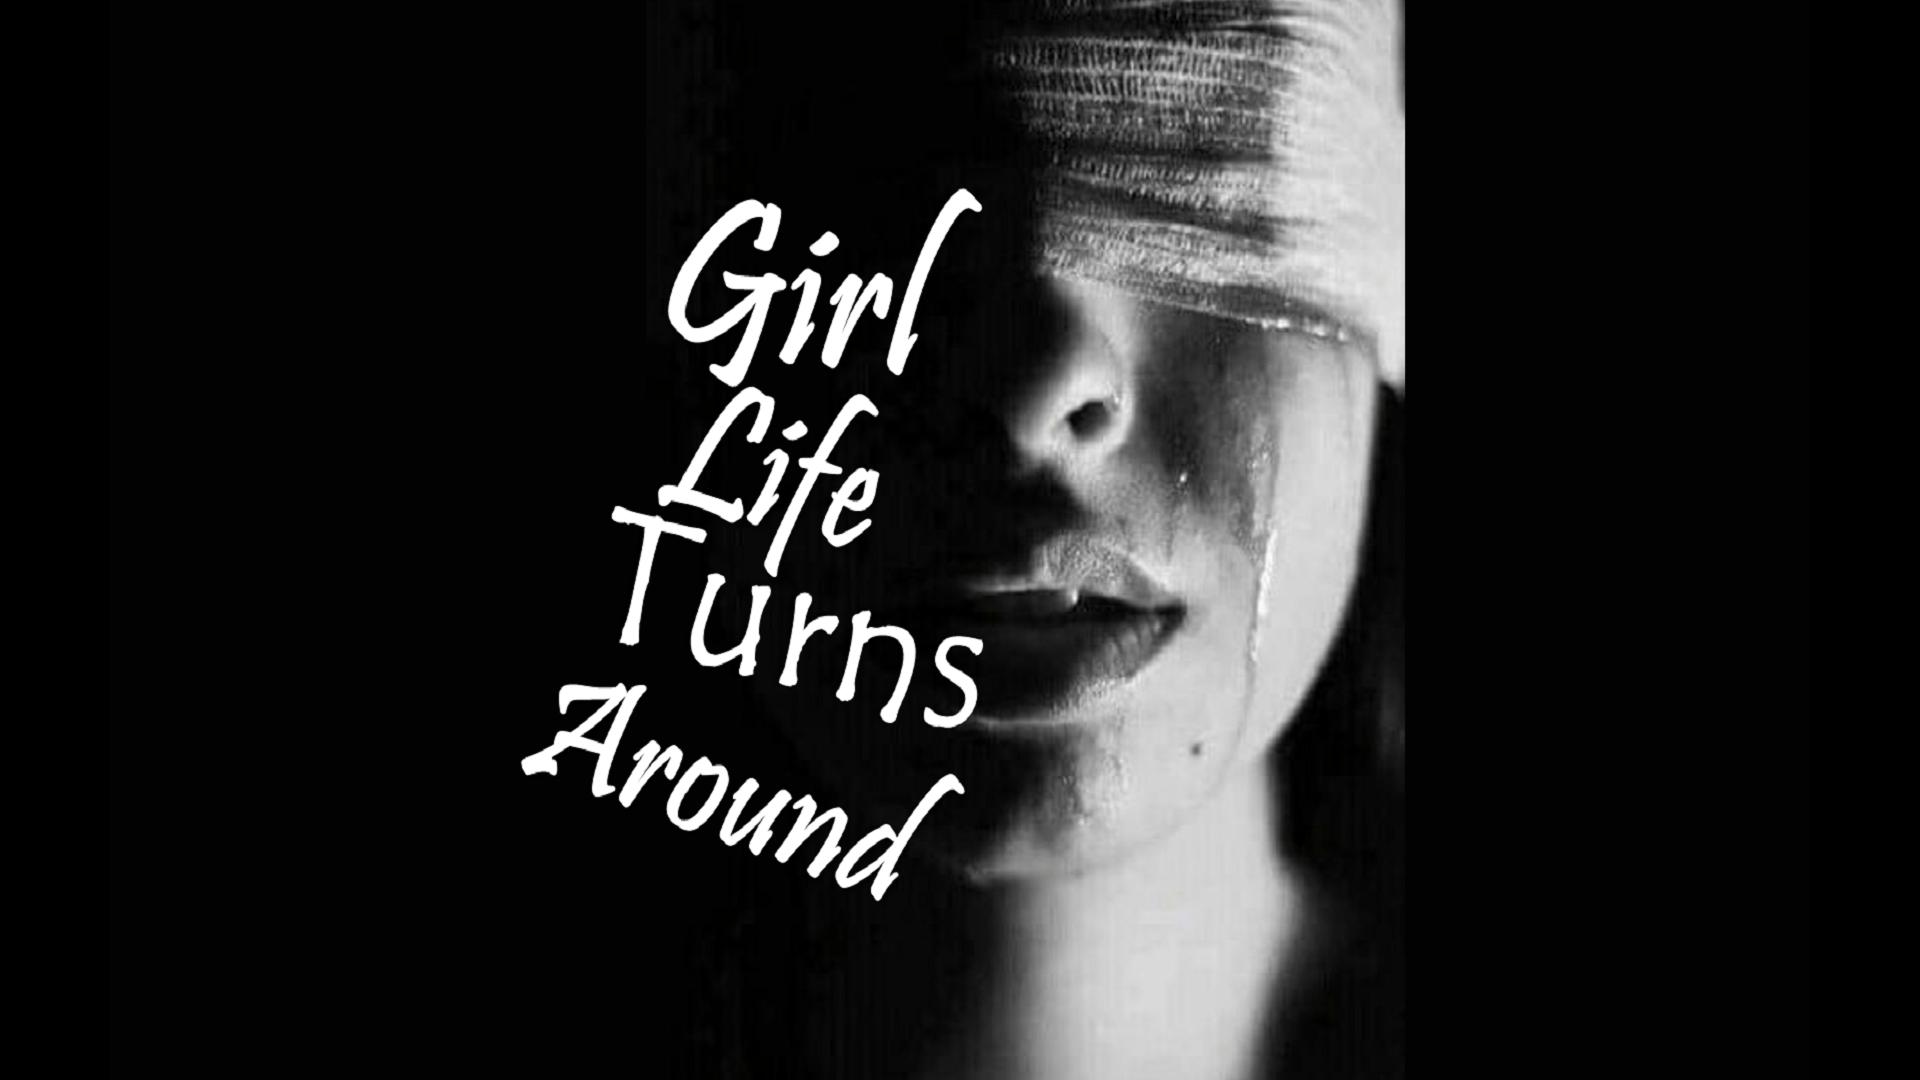 Novel Cover ဝတ္ထုတွင်မိန်းကလေးဘဝသည်ပြောင်းလဲသွားသည်